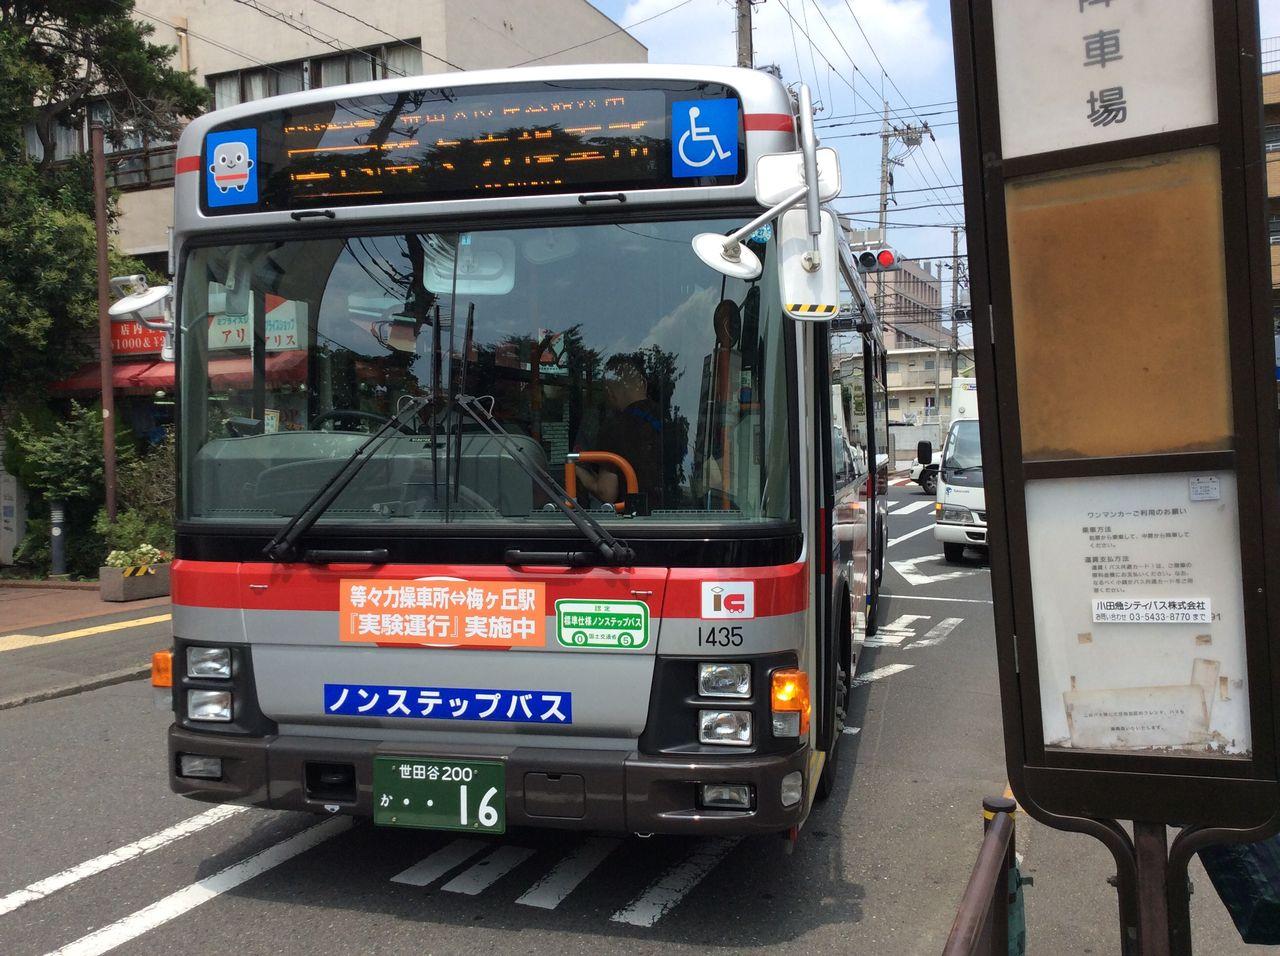 東急バス》実験運行 等13系統 : ...